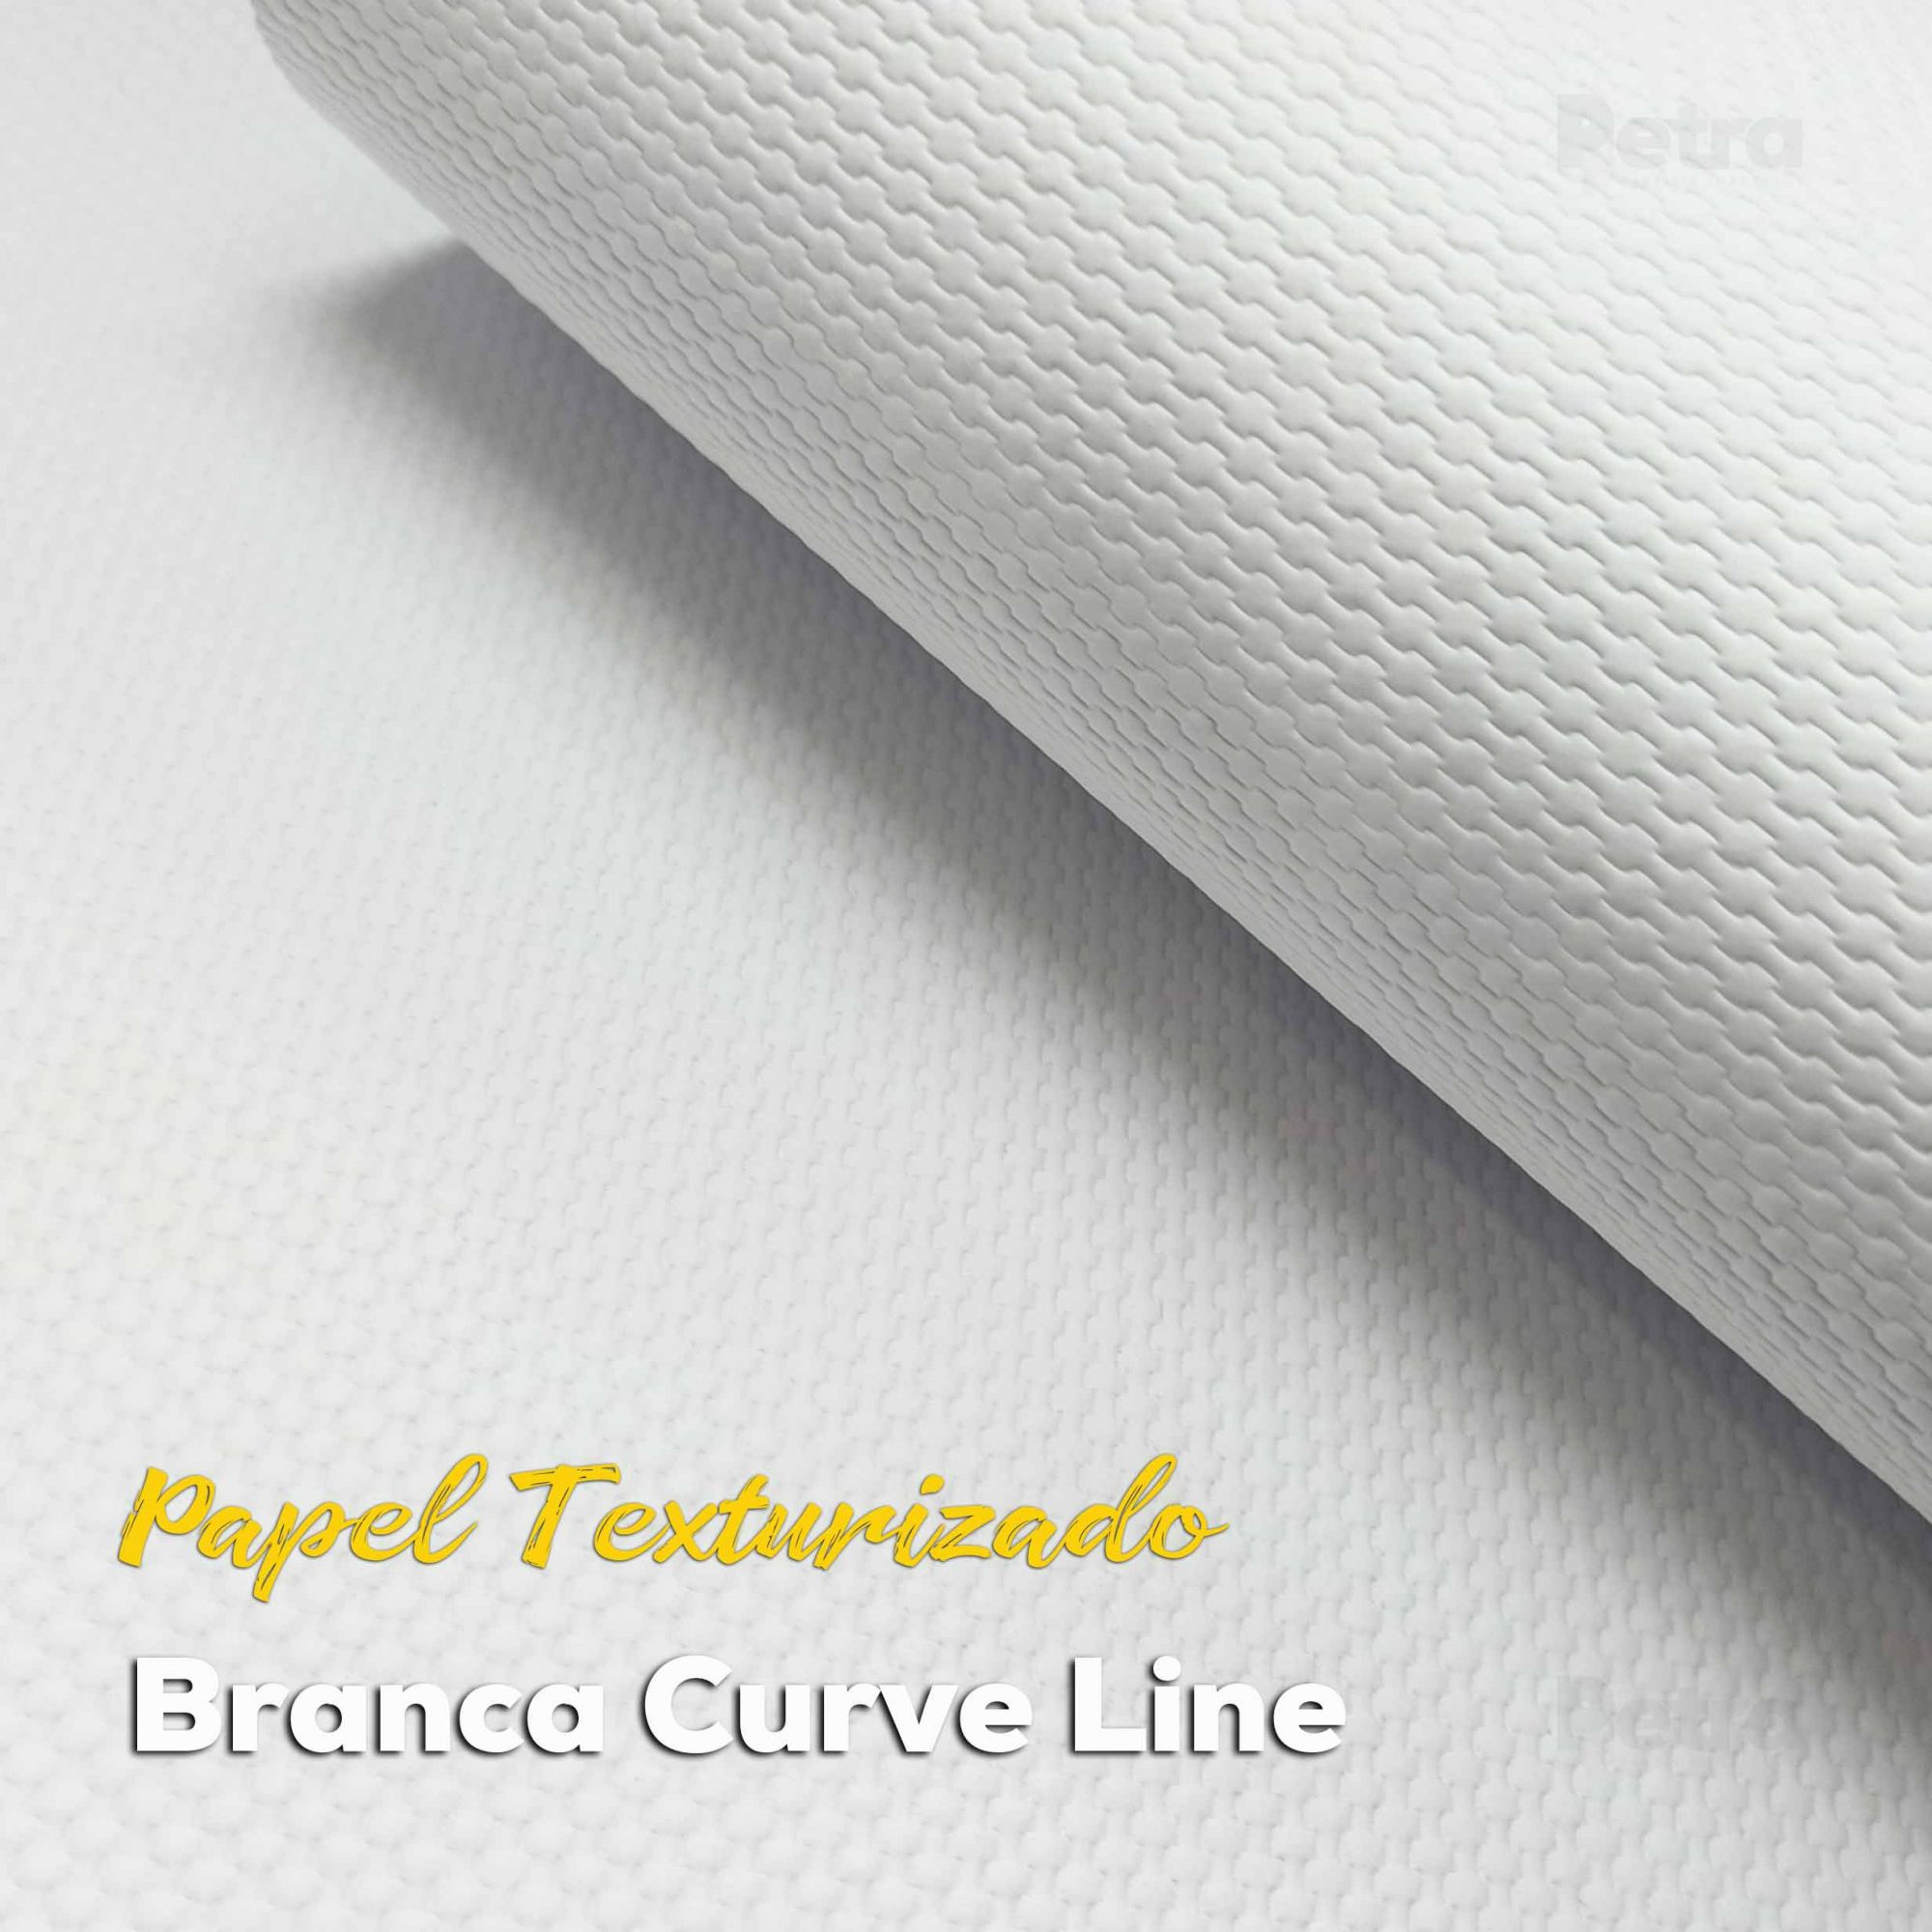 Papel Offset com textura Curve Line (Ref 975)  240g/m2 - Tamanho 30,5x30,5cm - 6 Folhas